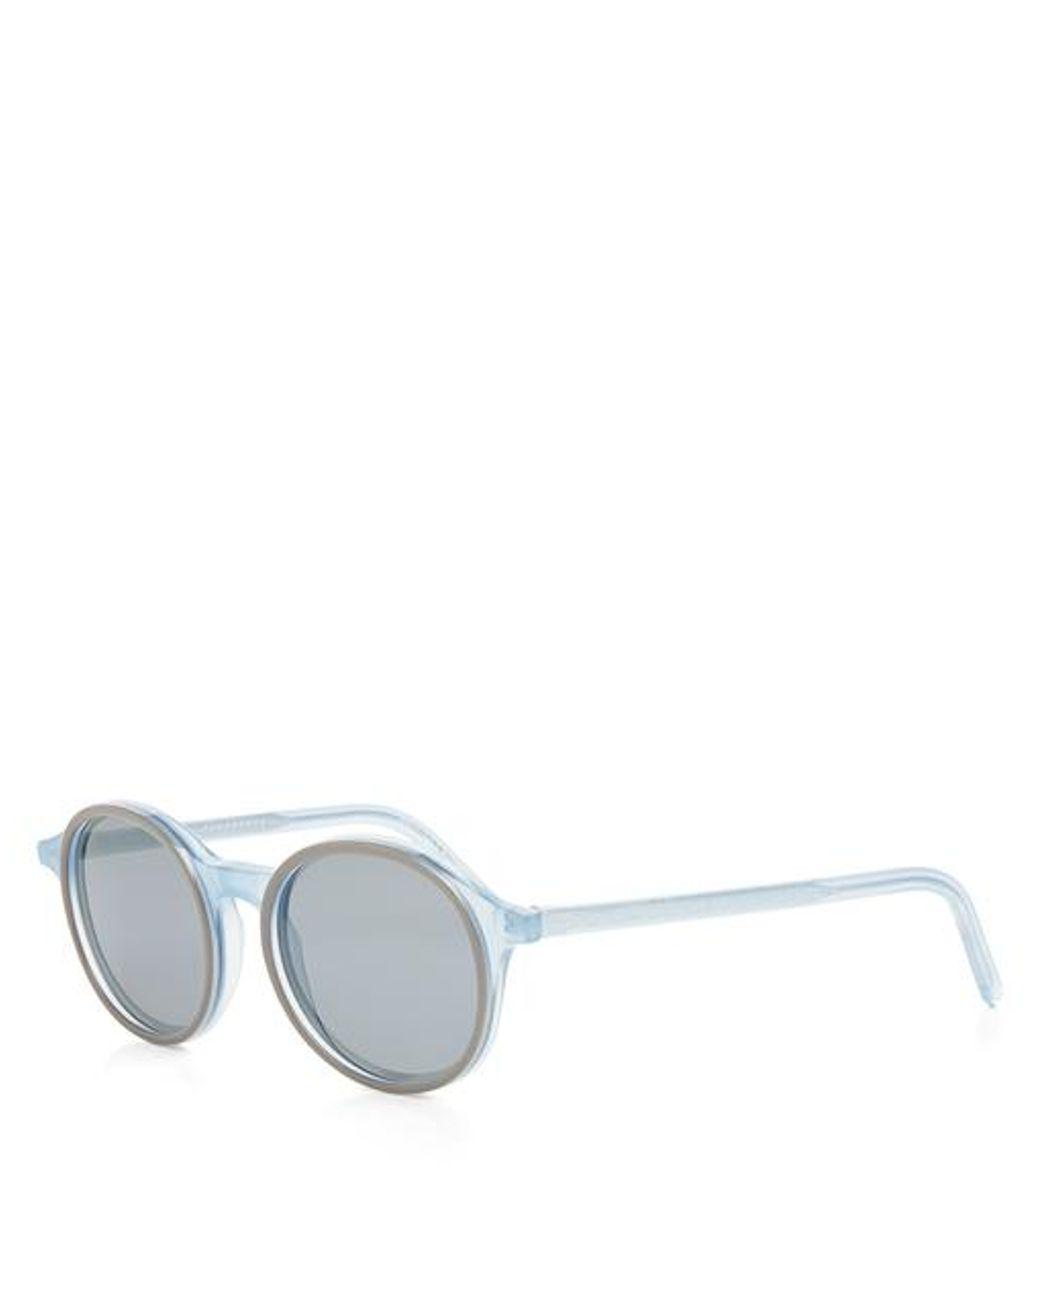 4591dc91f Lyst - Tomas Maier Transparent Round Frame Sunglasses